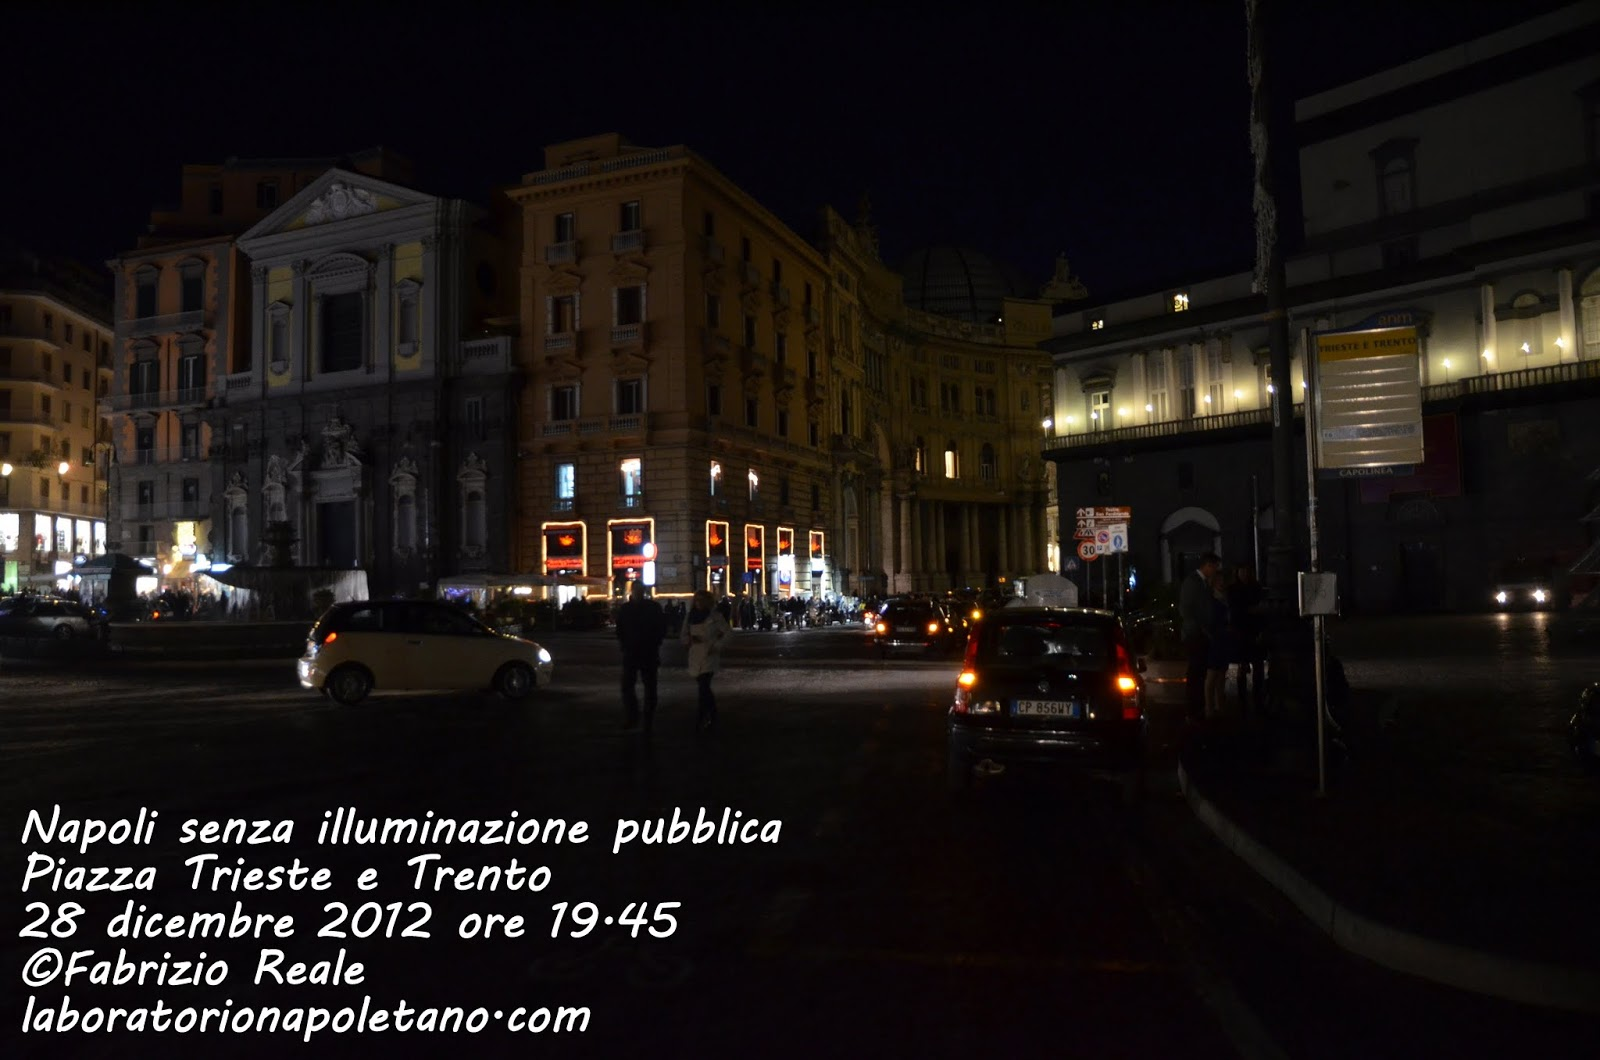 LaboratorioNapoletano.com: Napoli al buio: il centro senza illuminazione pubb...